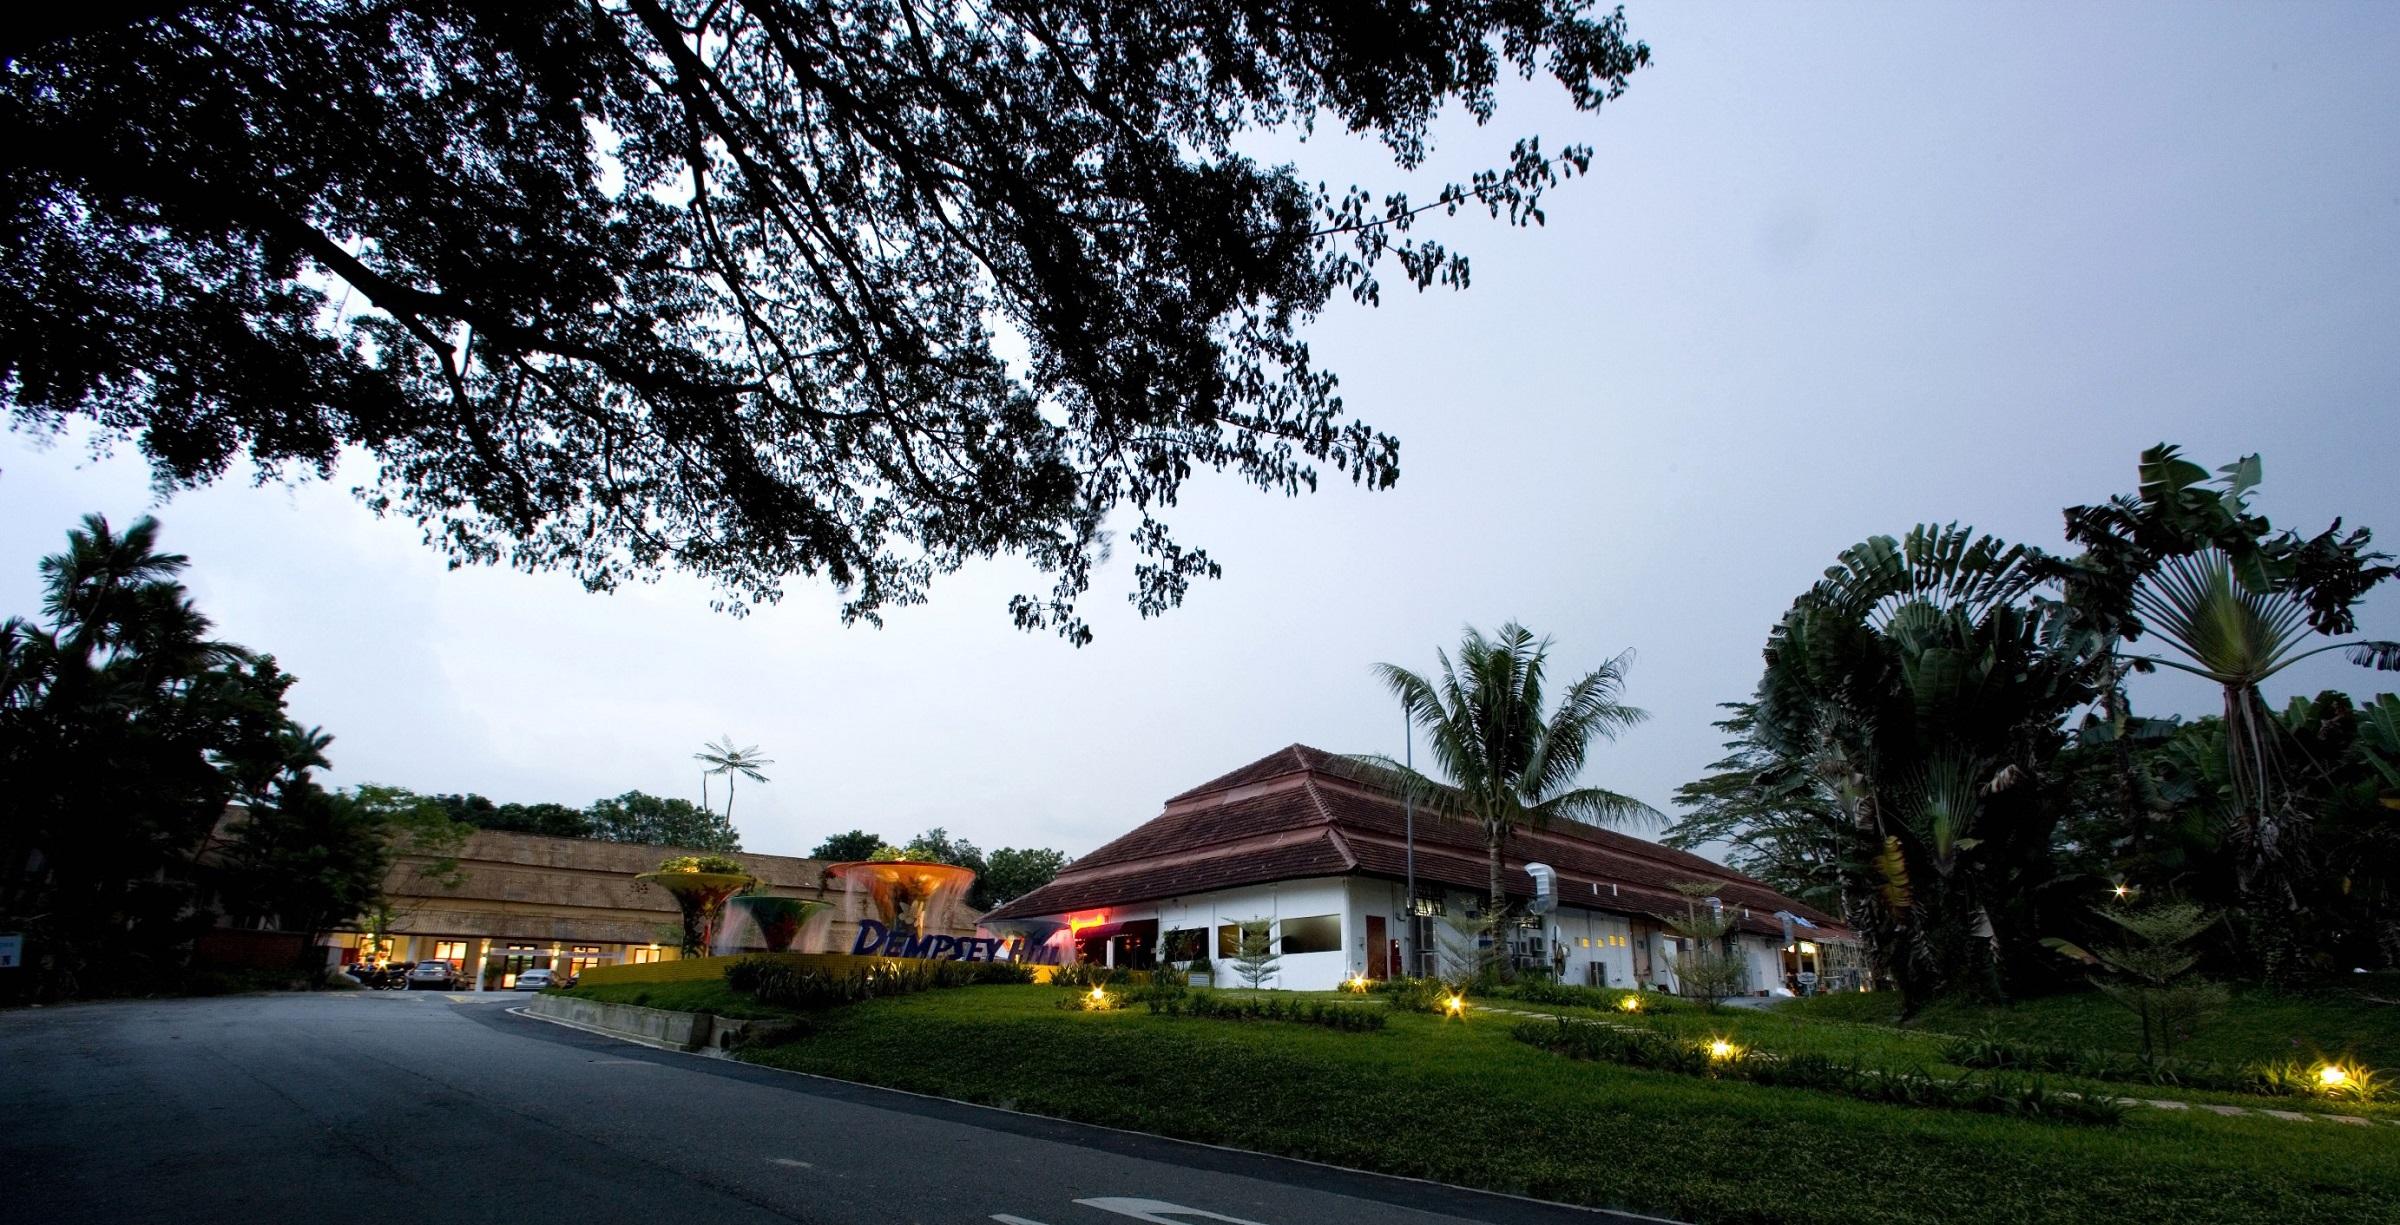 Không gian yên ắng, thoáng đãng tại Dempsey Hill - một trong những điểm đến quen thuộc của Bằng Lăng tại Singapore.